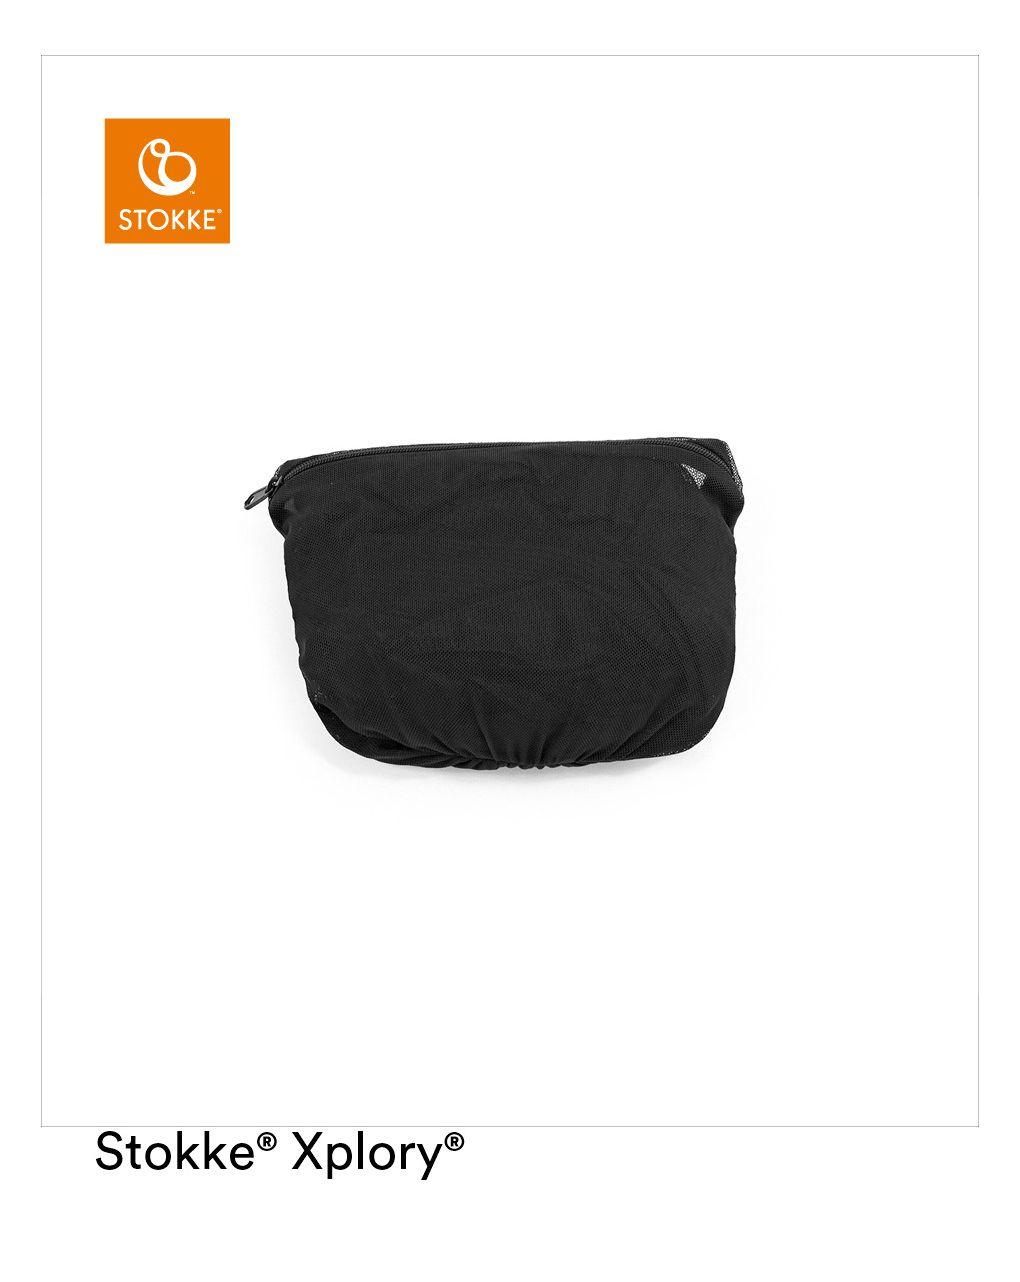 Zanzariera stokke® xplory® x mesh traspirante per una protezione e una visibilità ottimali - Stokke